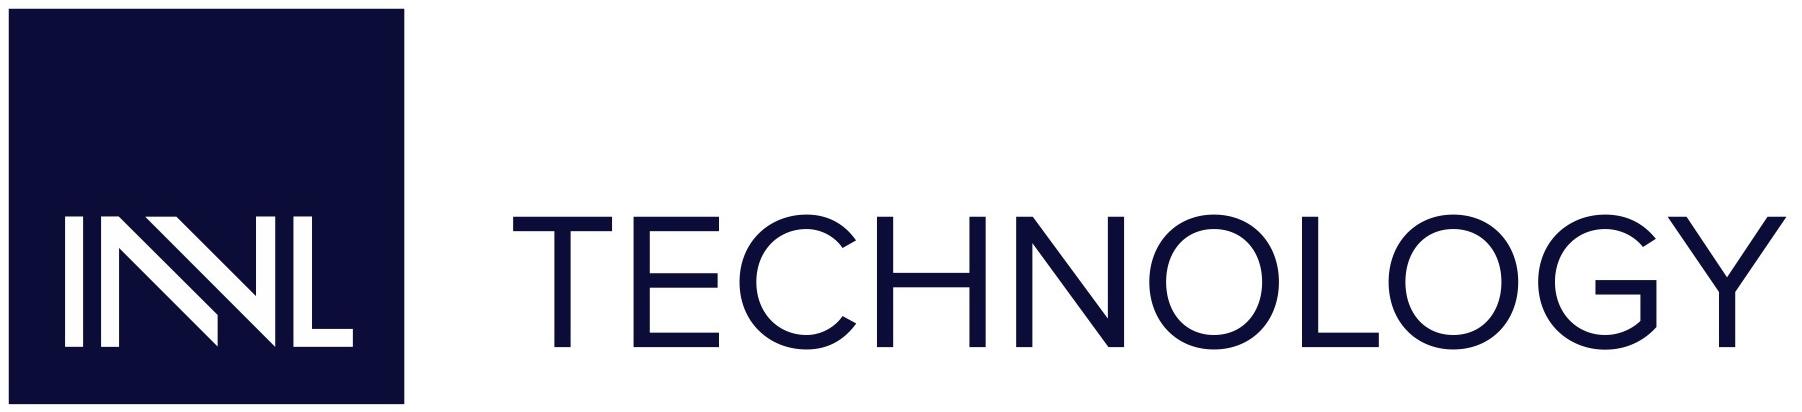 INVL_TECHNOLOGY_logo.jpg